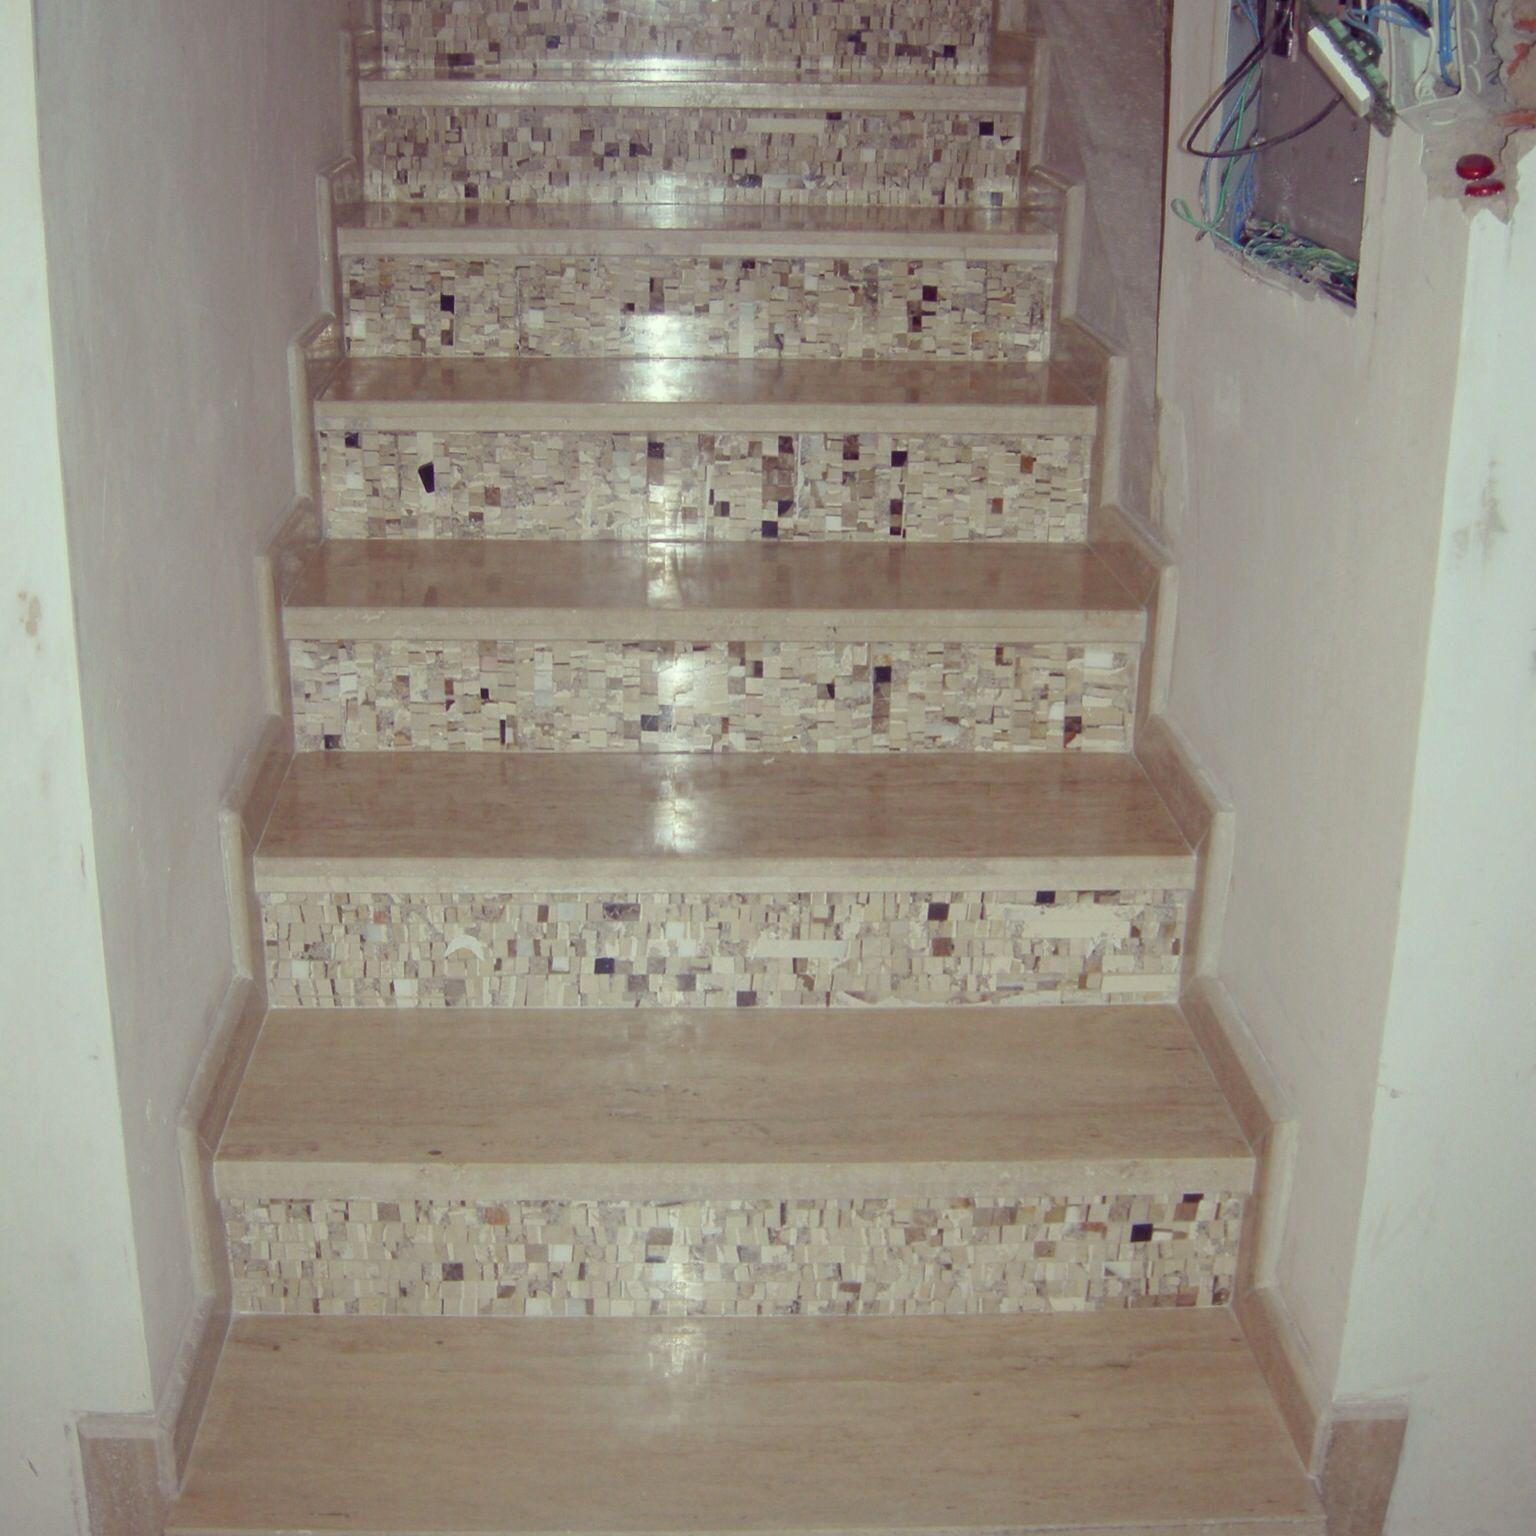 Escalera revestida con travertino y mosaico de m rmol for Marmol travertino gris